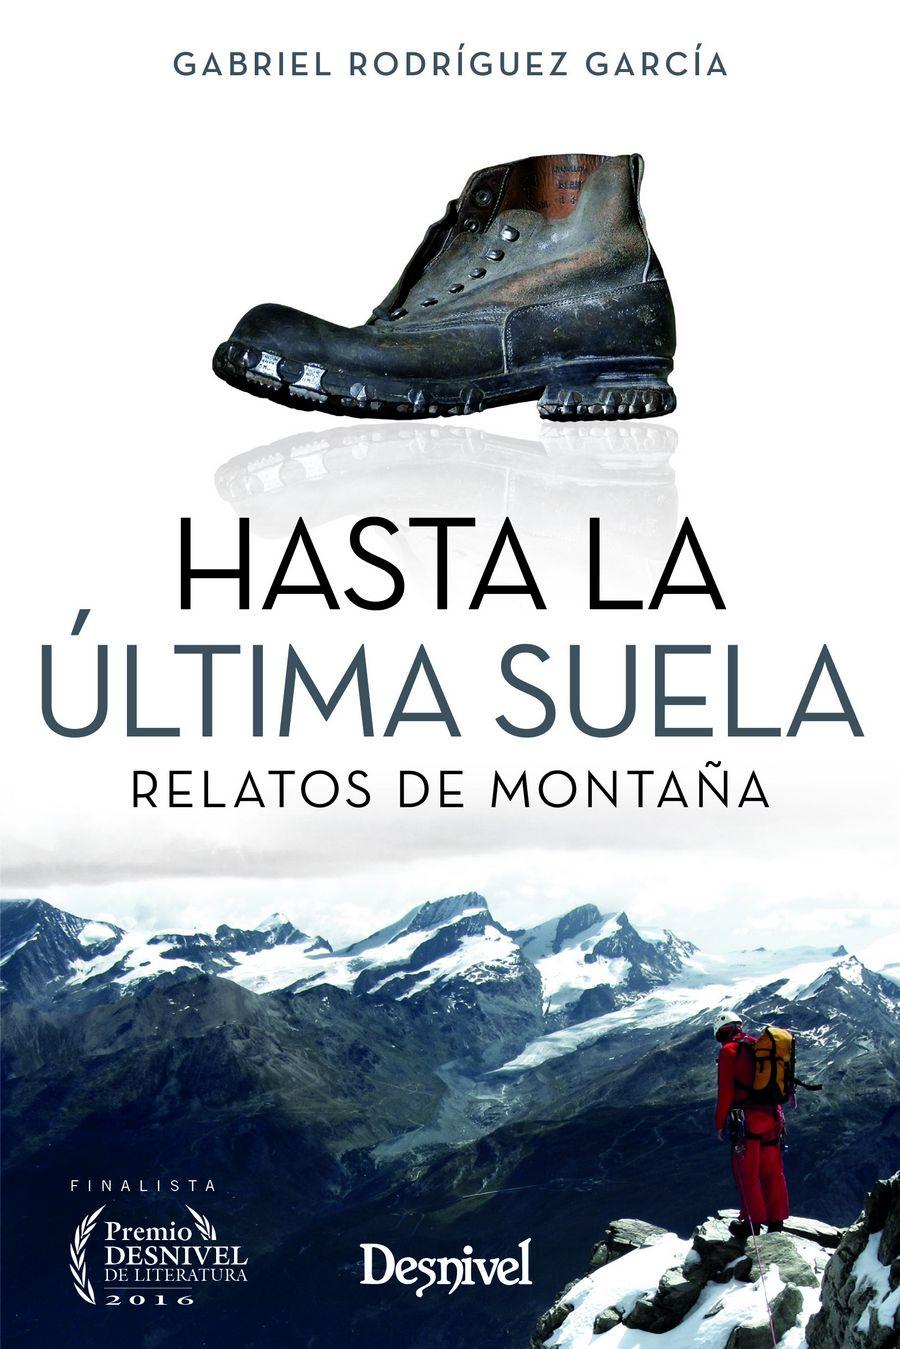 Hasta la última suela. Relatos de montaña, por Gabriel Rodríguez García